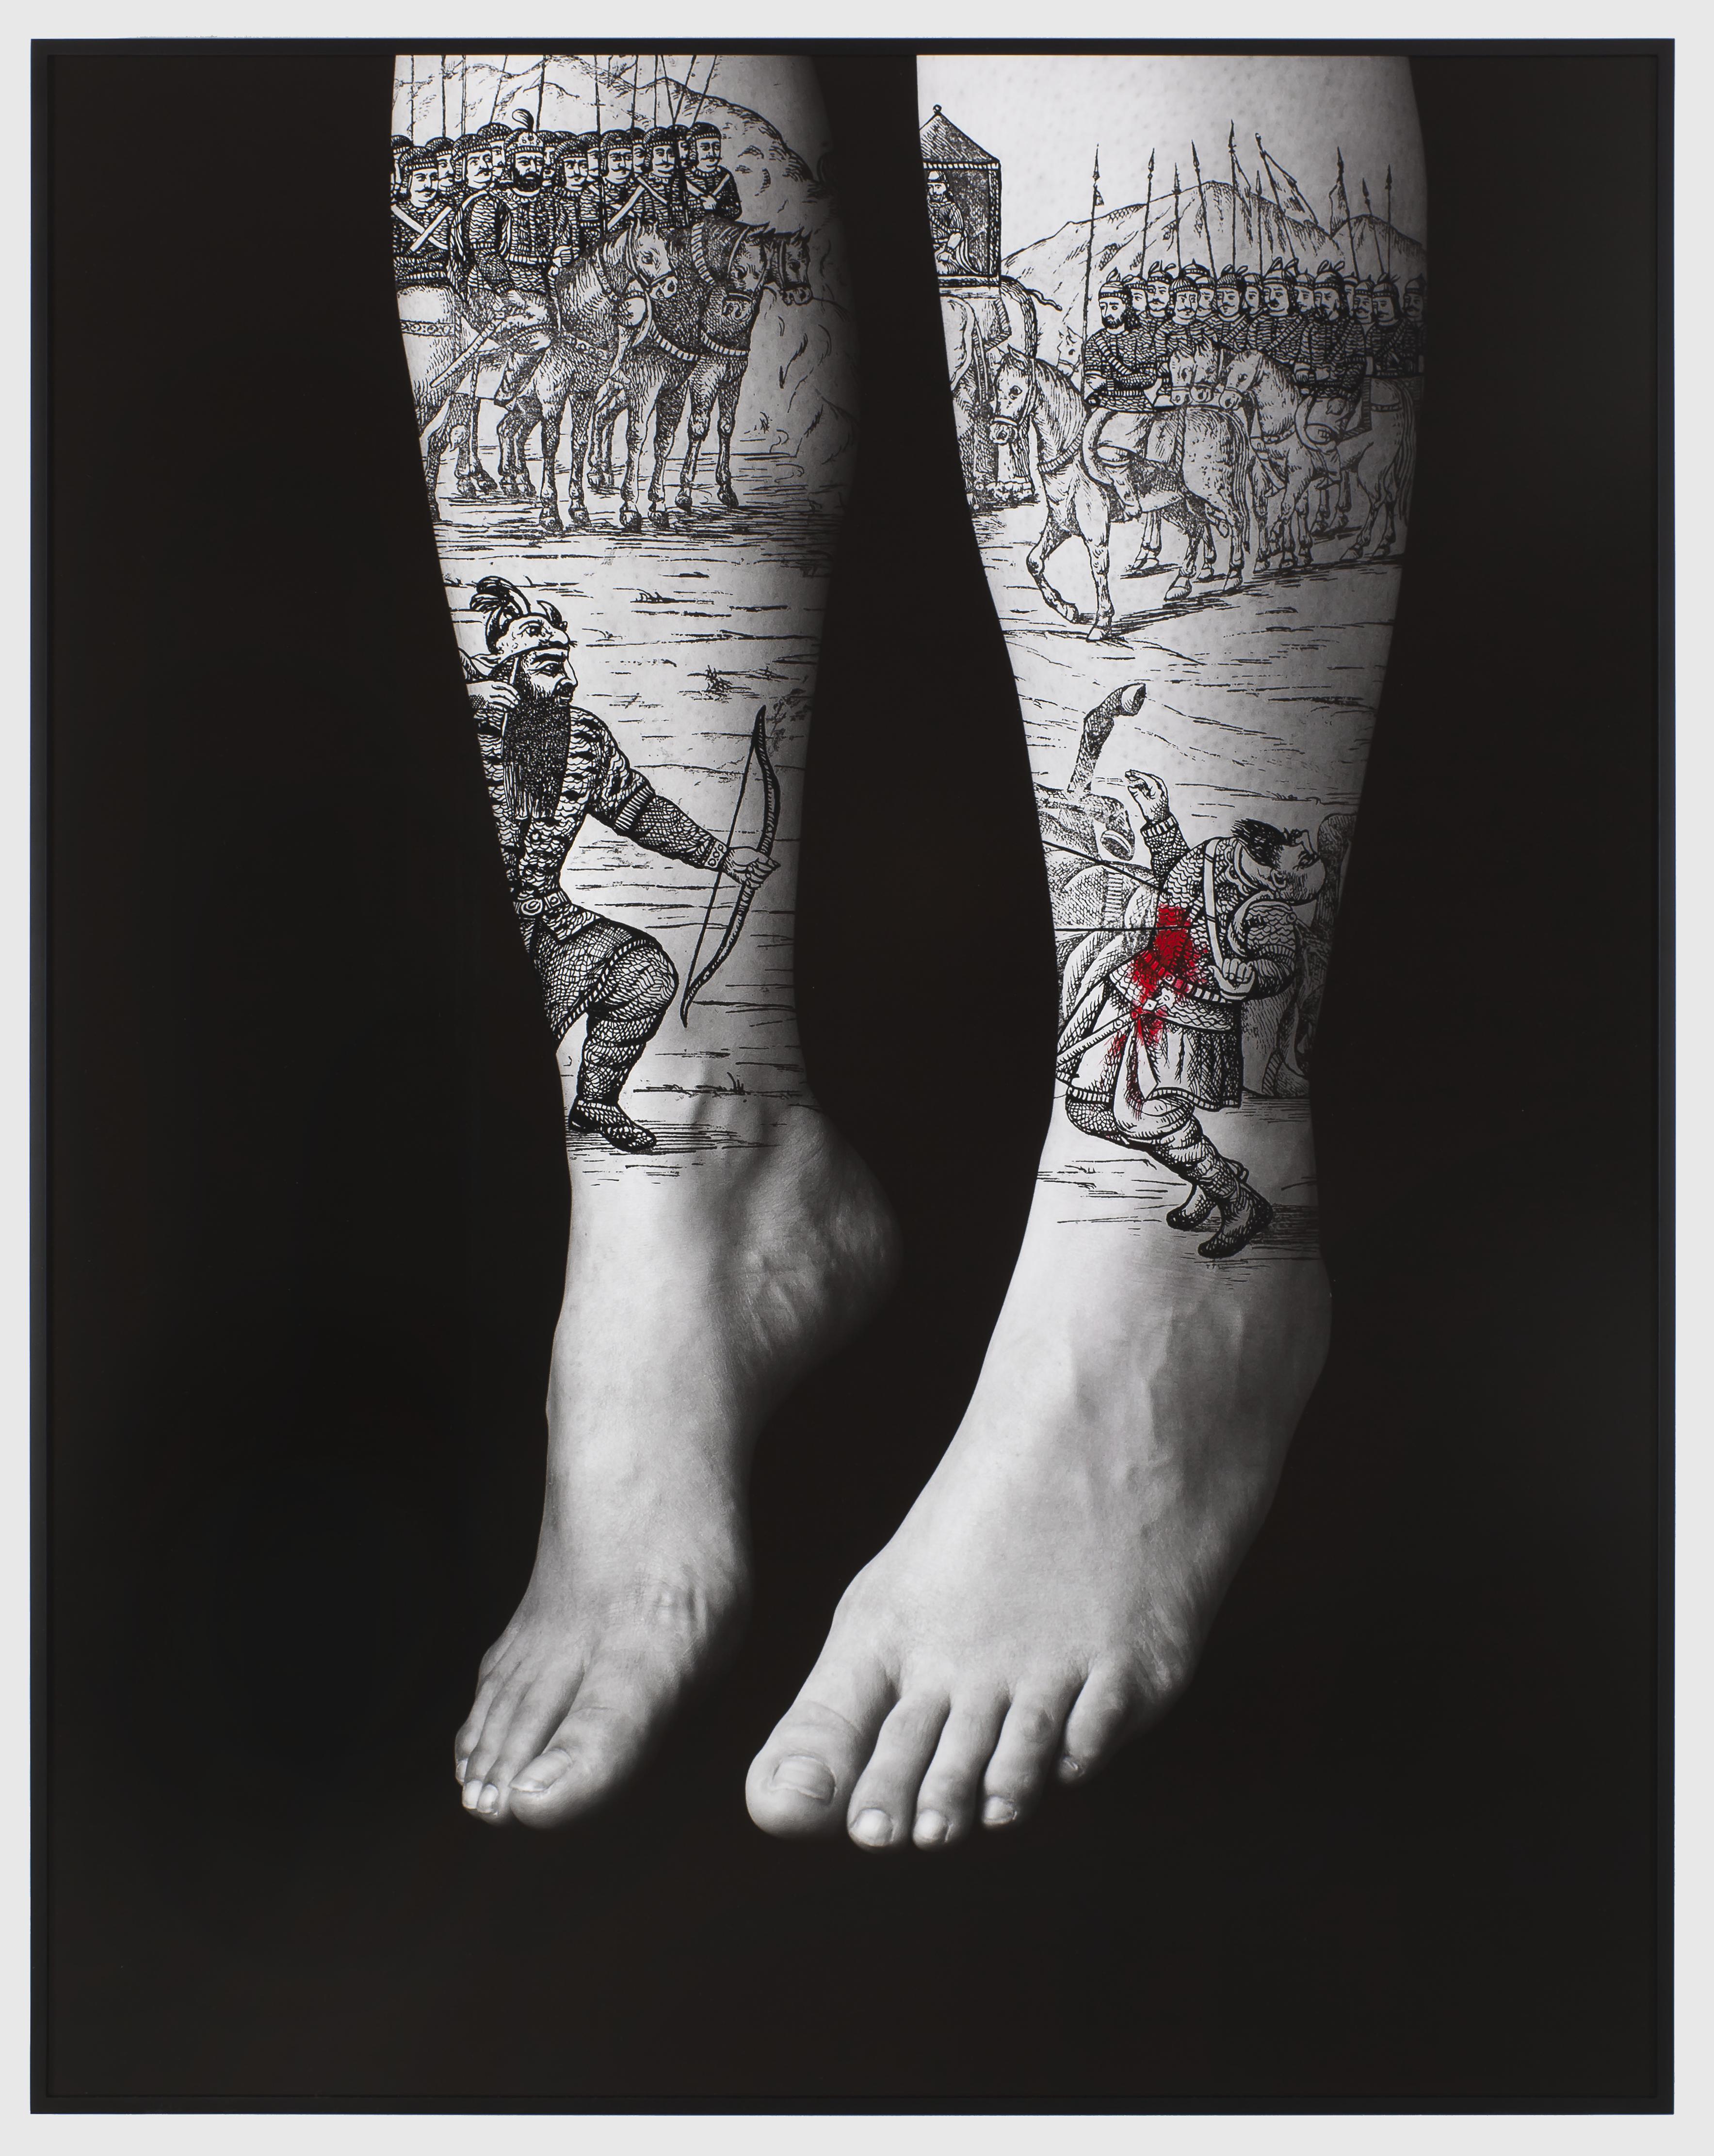 Shirin Neshat, Divine Rebellion, 2012, Cortesía de Gladstone Gallery, Nueva York y Bruselas © Shirin Neshat